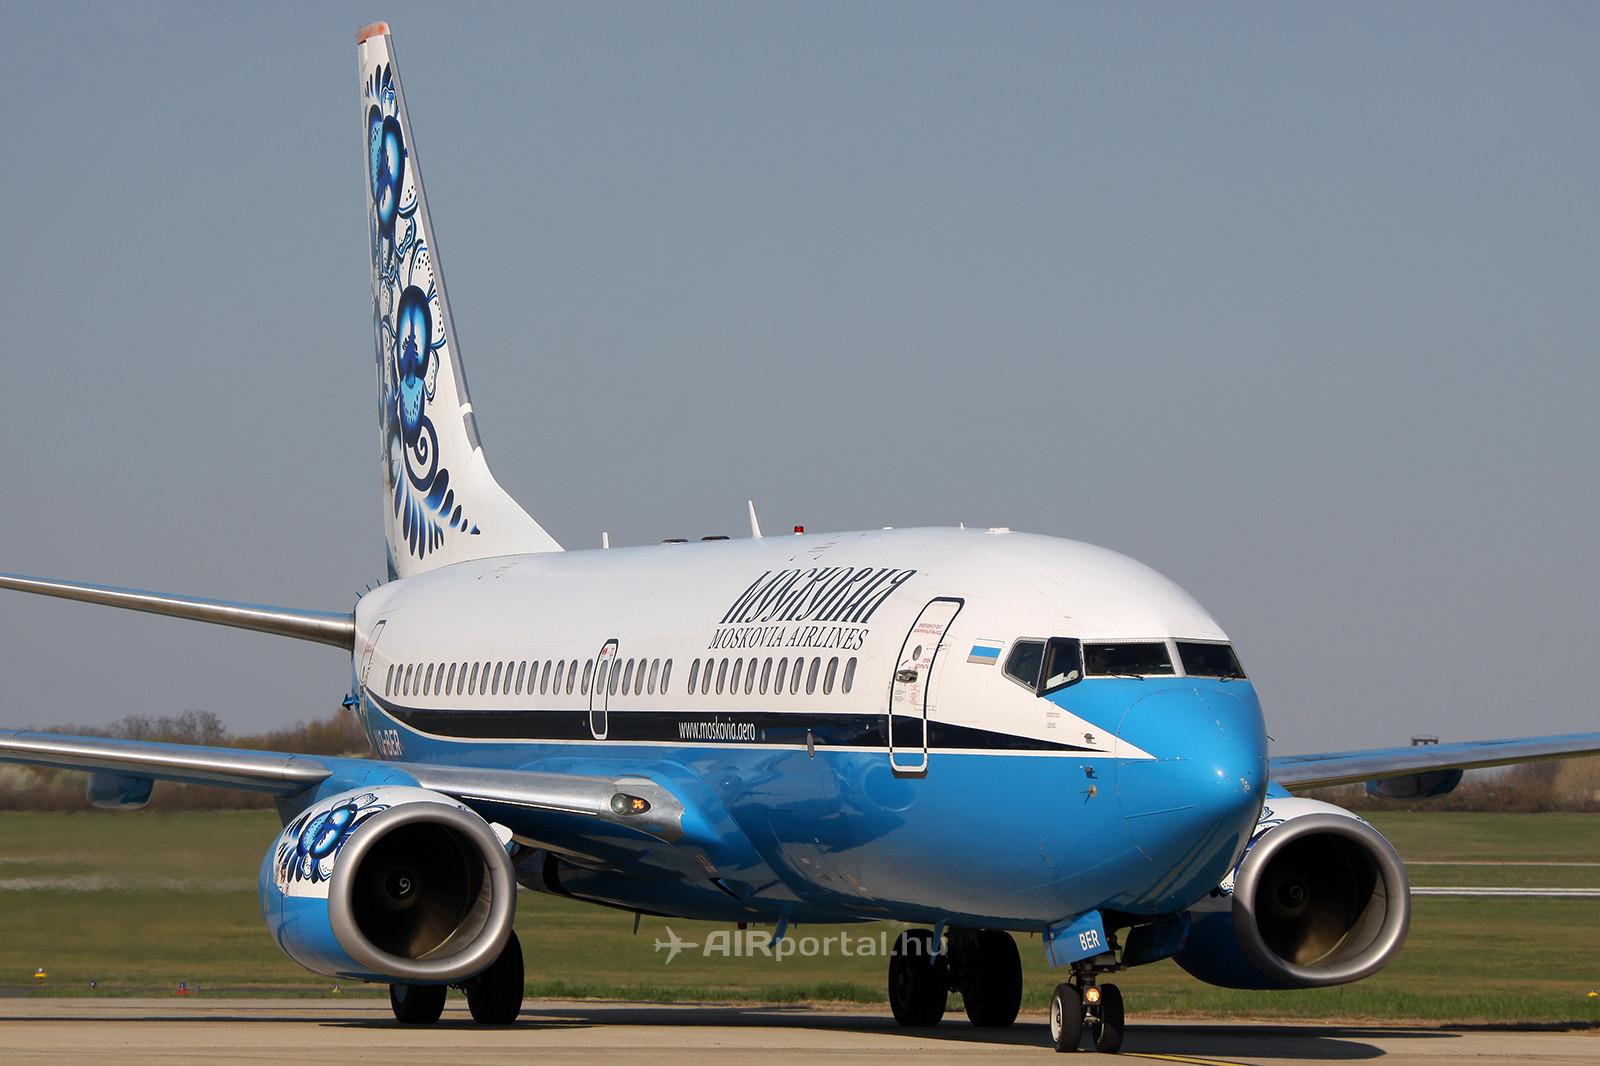 A Moskovia Boeing 737-7L9 típusú, VQ-BER lajstromjelű repülőgépe Ferihegyen, az Aeroplex műszaki előterén. (Fotó: AIRportal.hu) | © AIRportal.hu